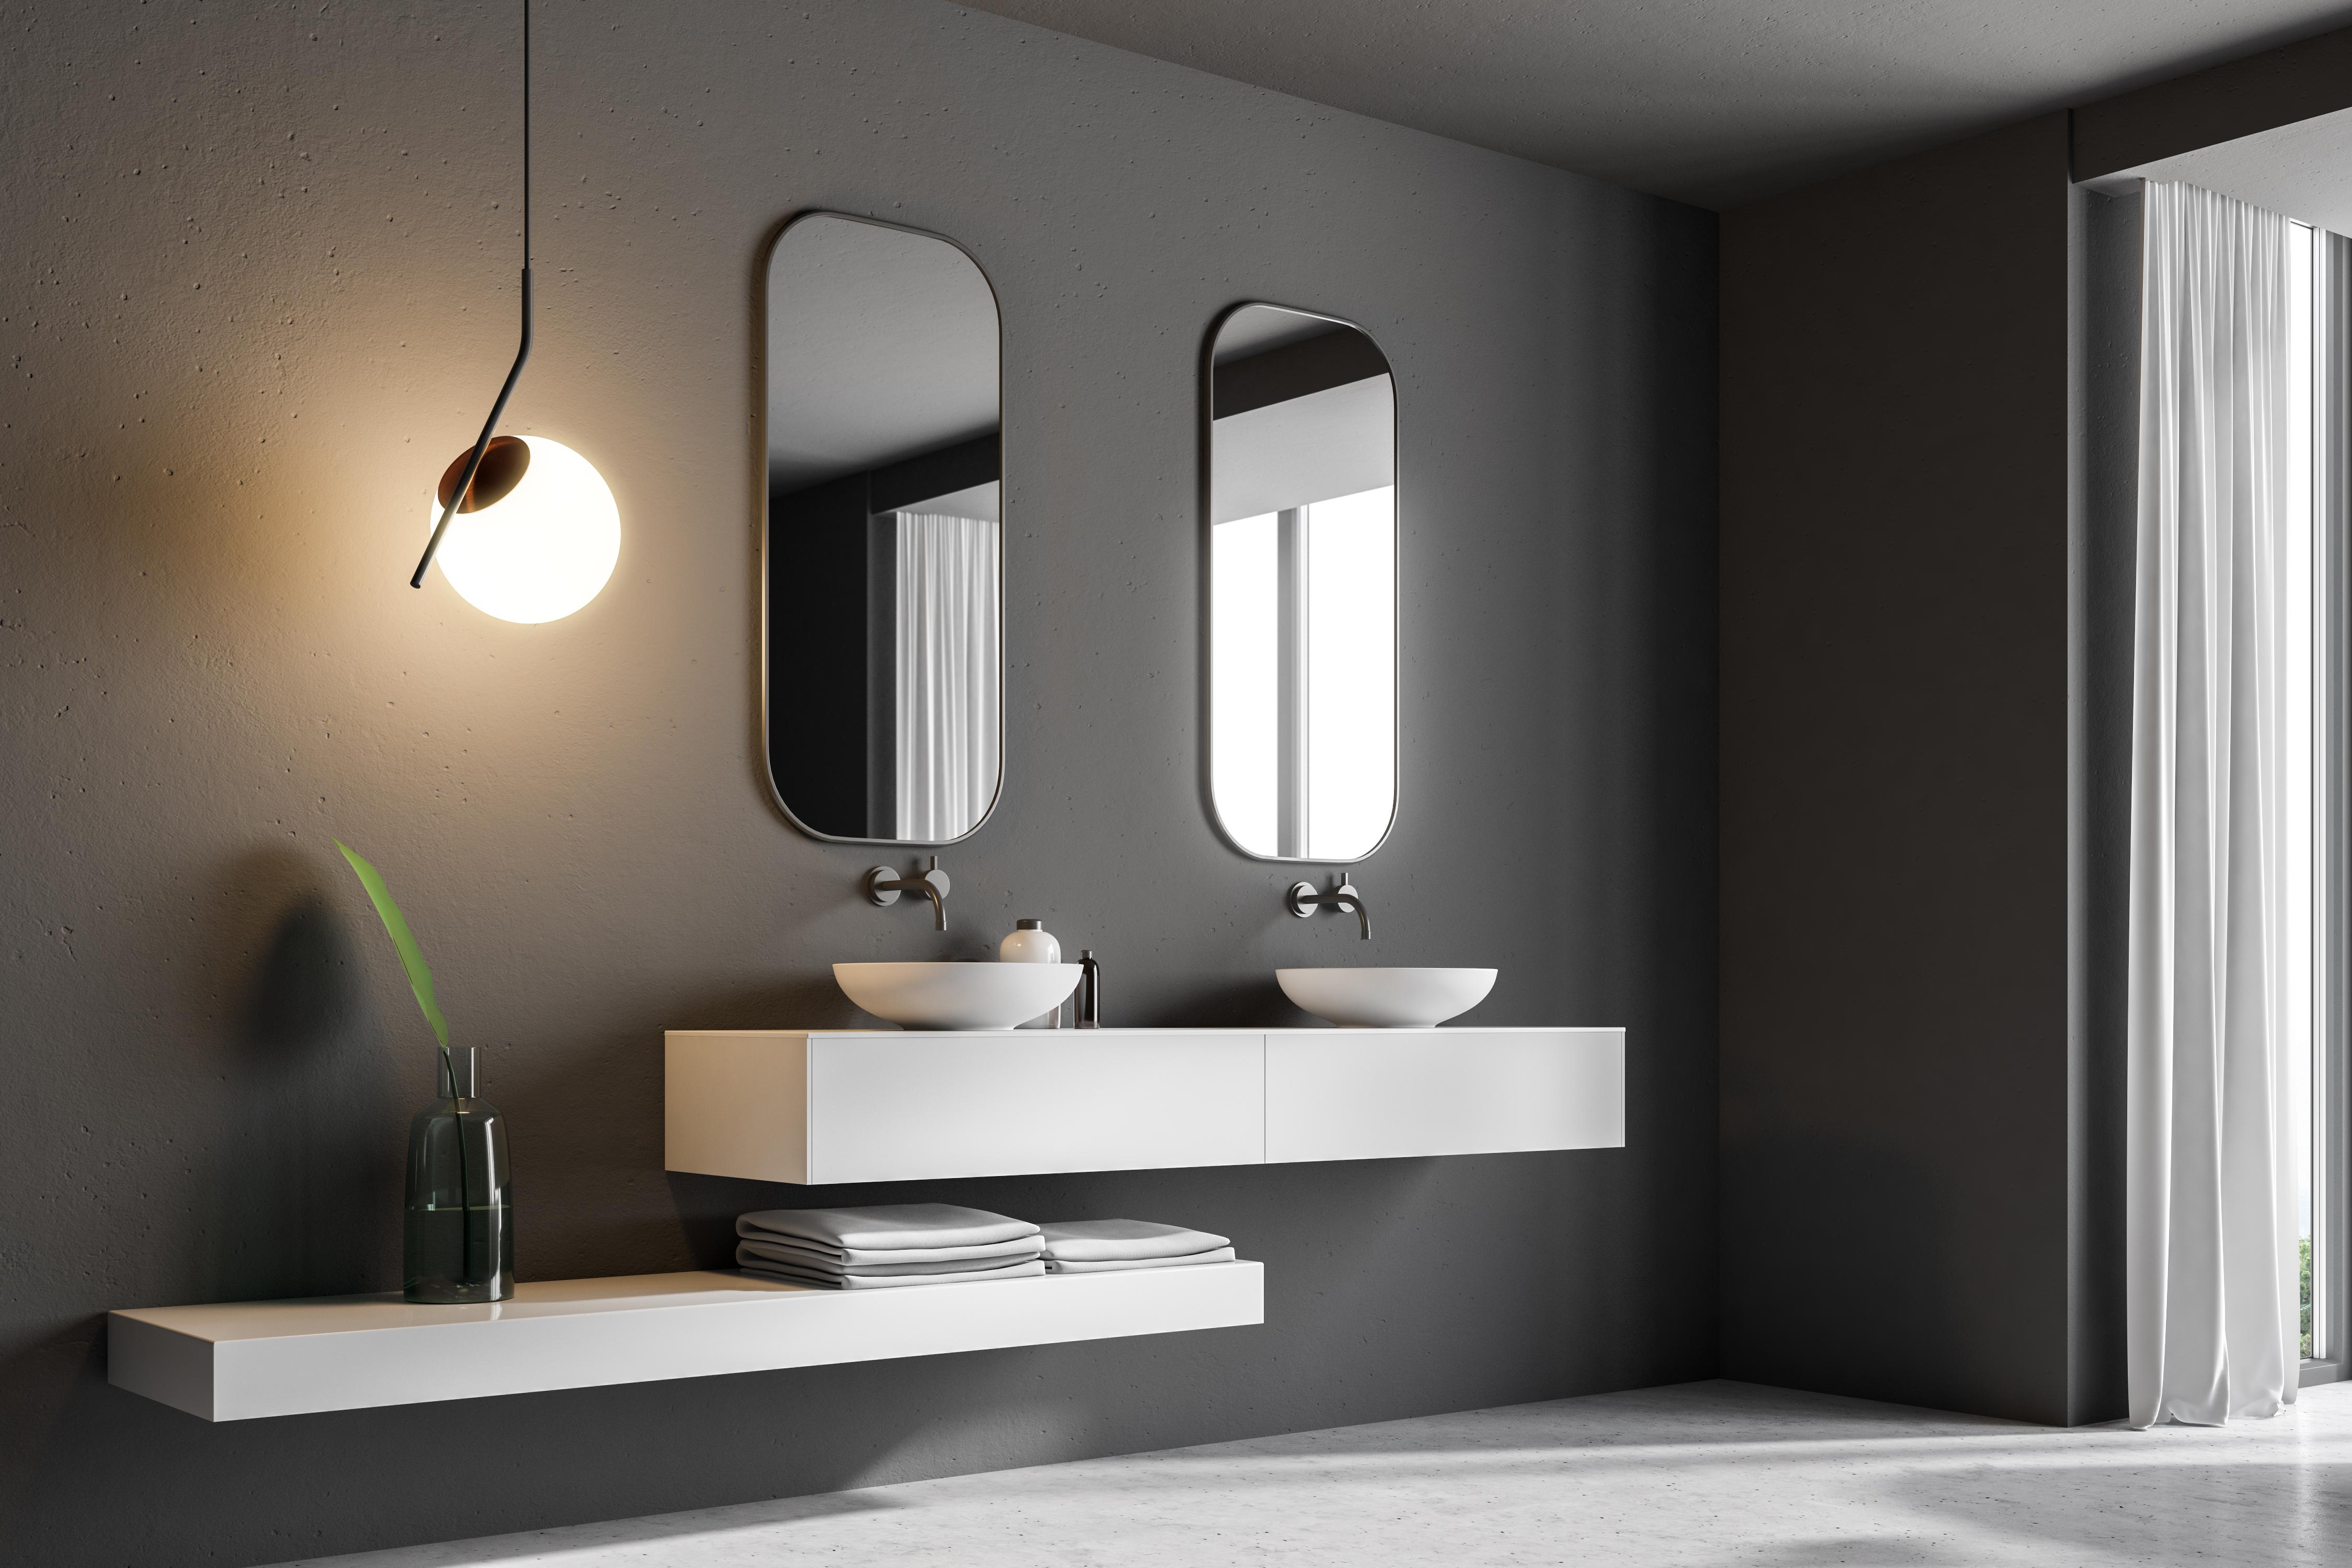 Idee Bagno Il Mobile Bagno Con Doppio Lavabo Modo D